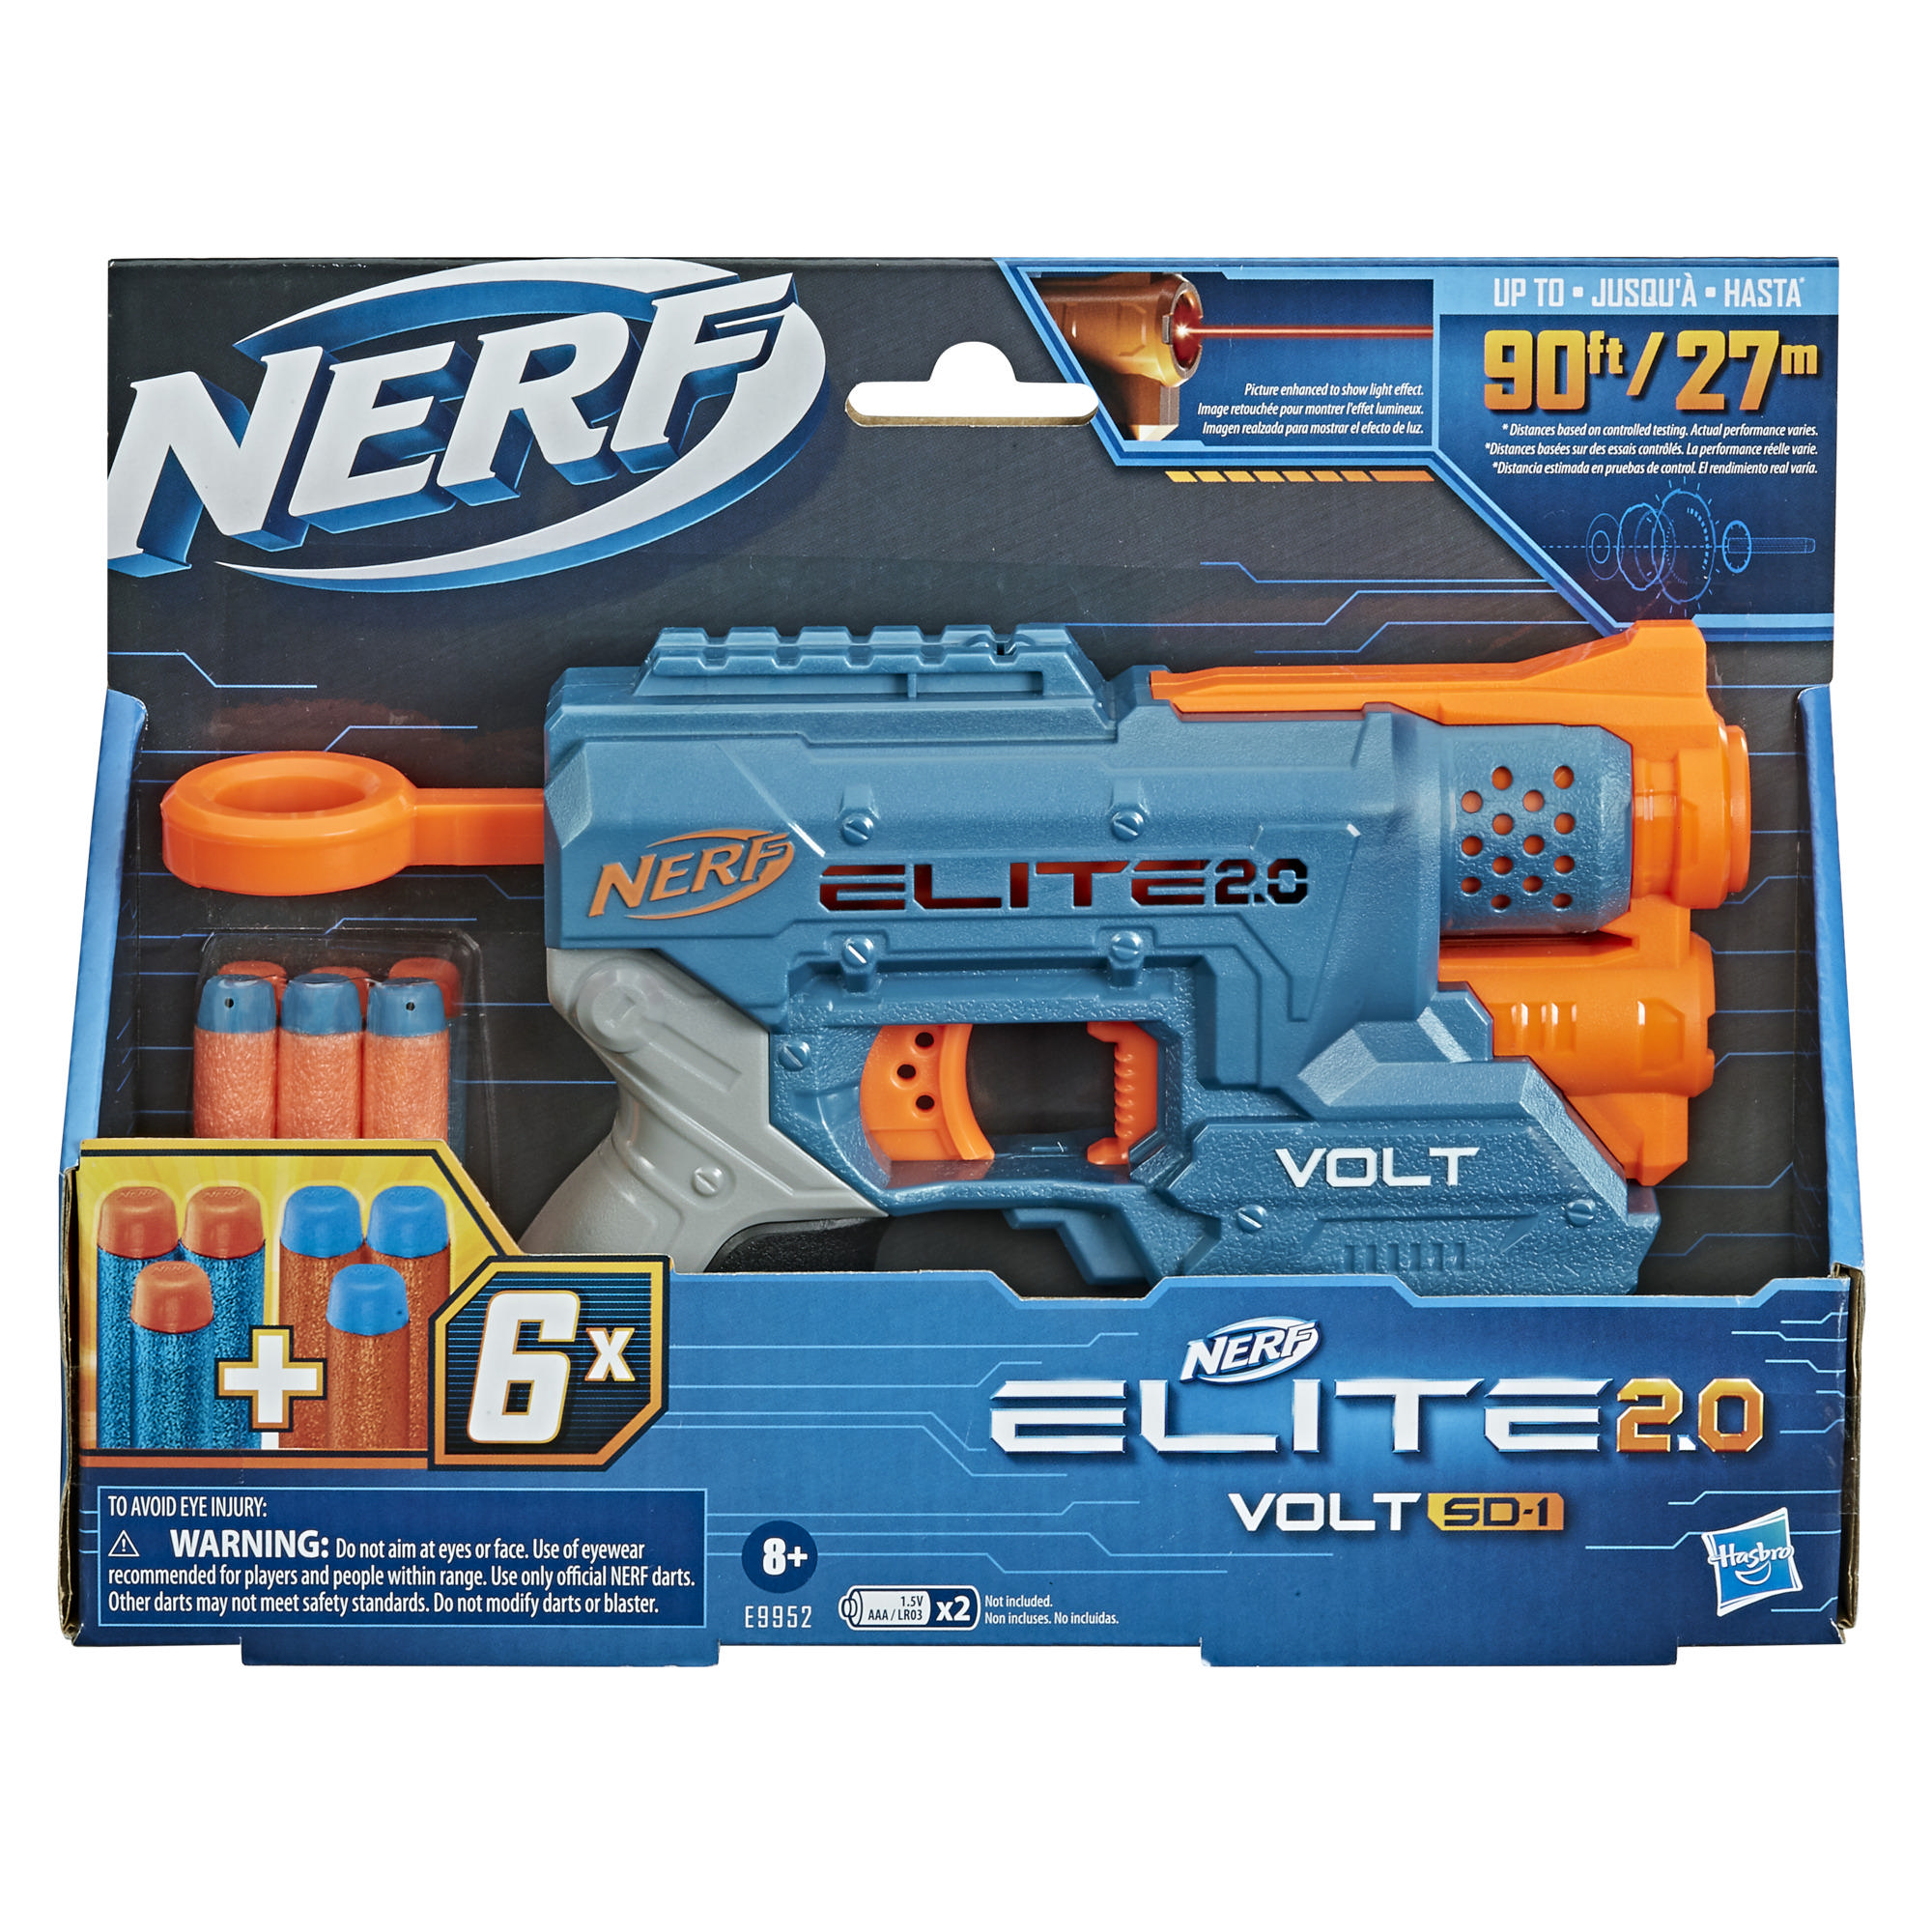 Wyrzutnia Nerf Elite 2.0 Volt SD-1 - 6 oryginalnych strzałek Nerf, celowanie przy pomocy wiązki światła, miejsce na 2 strzałki, 2 szyny na akcesoria